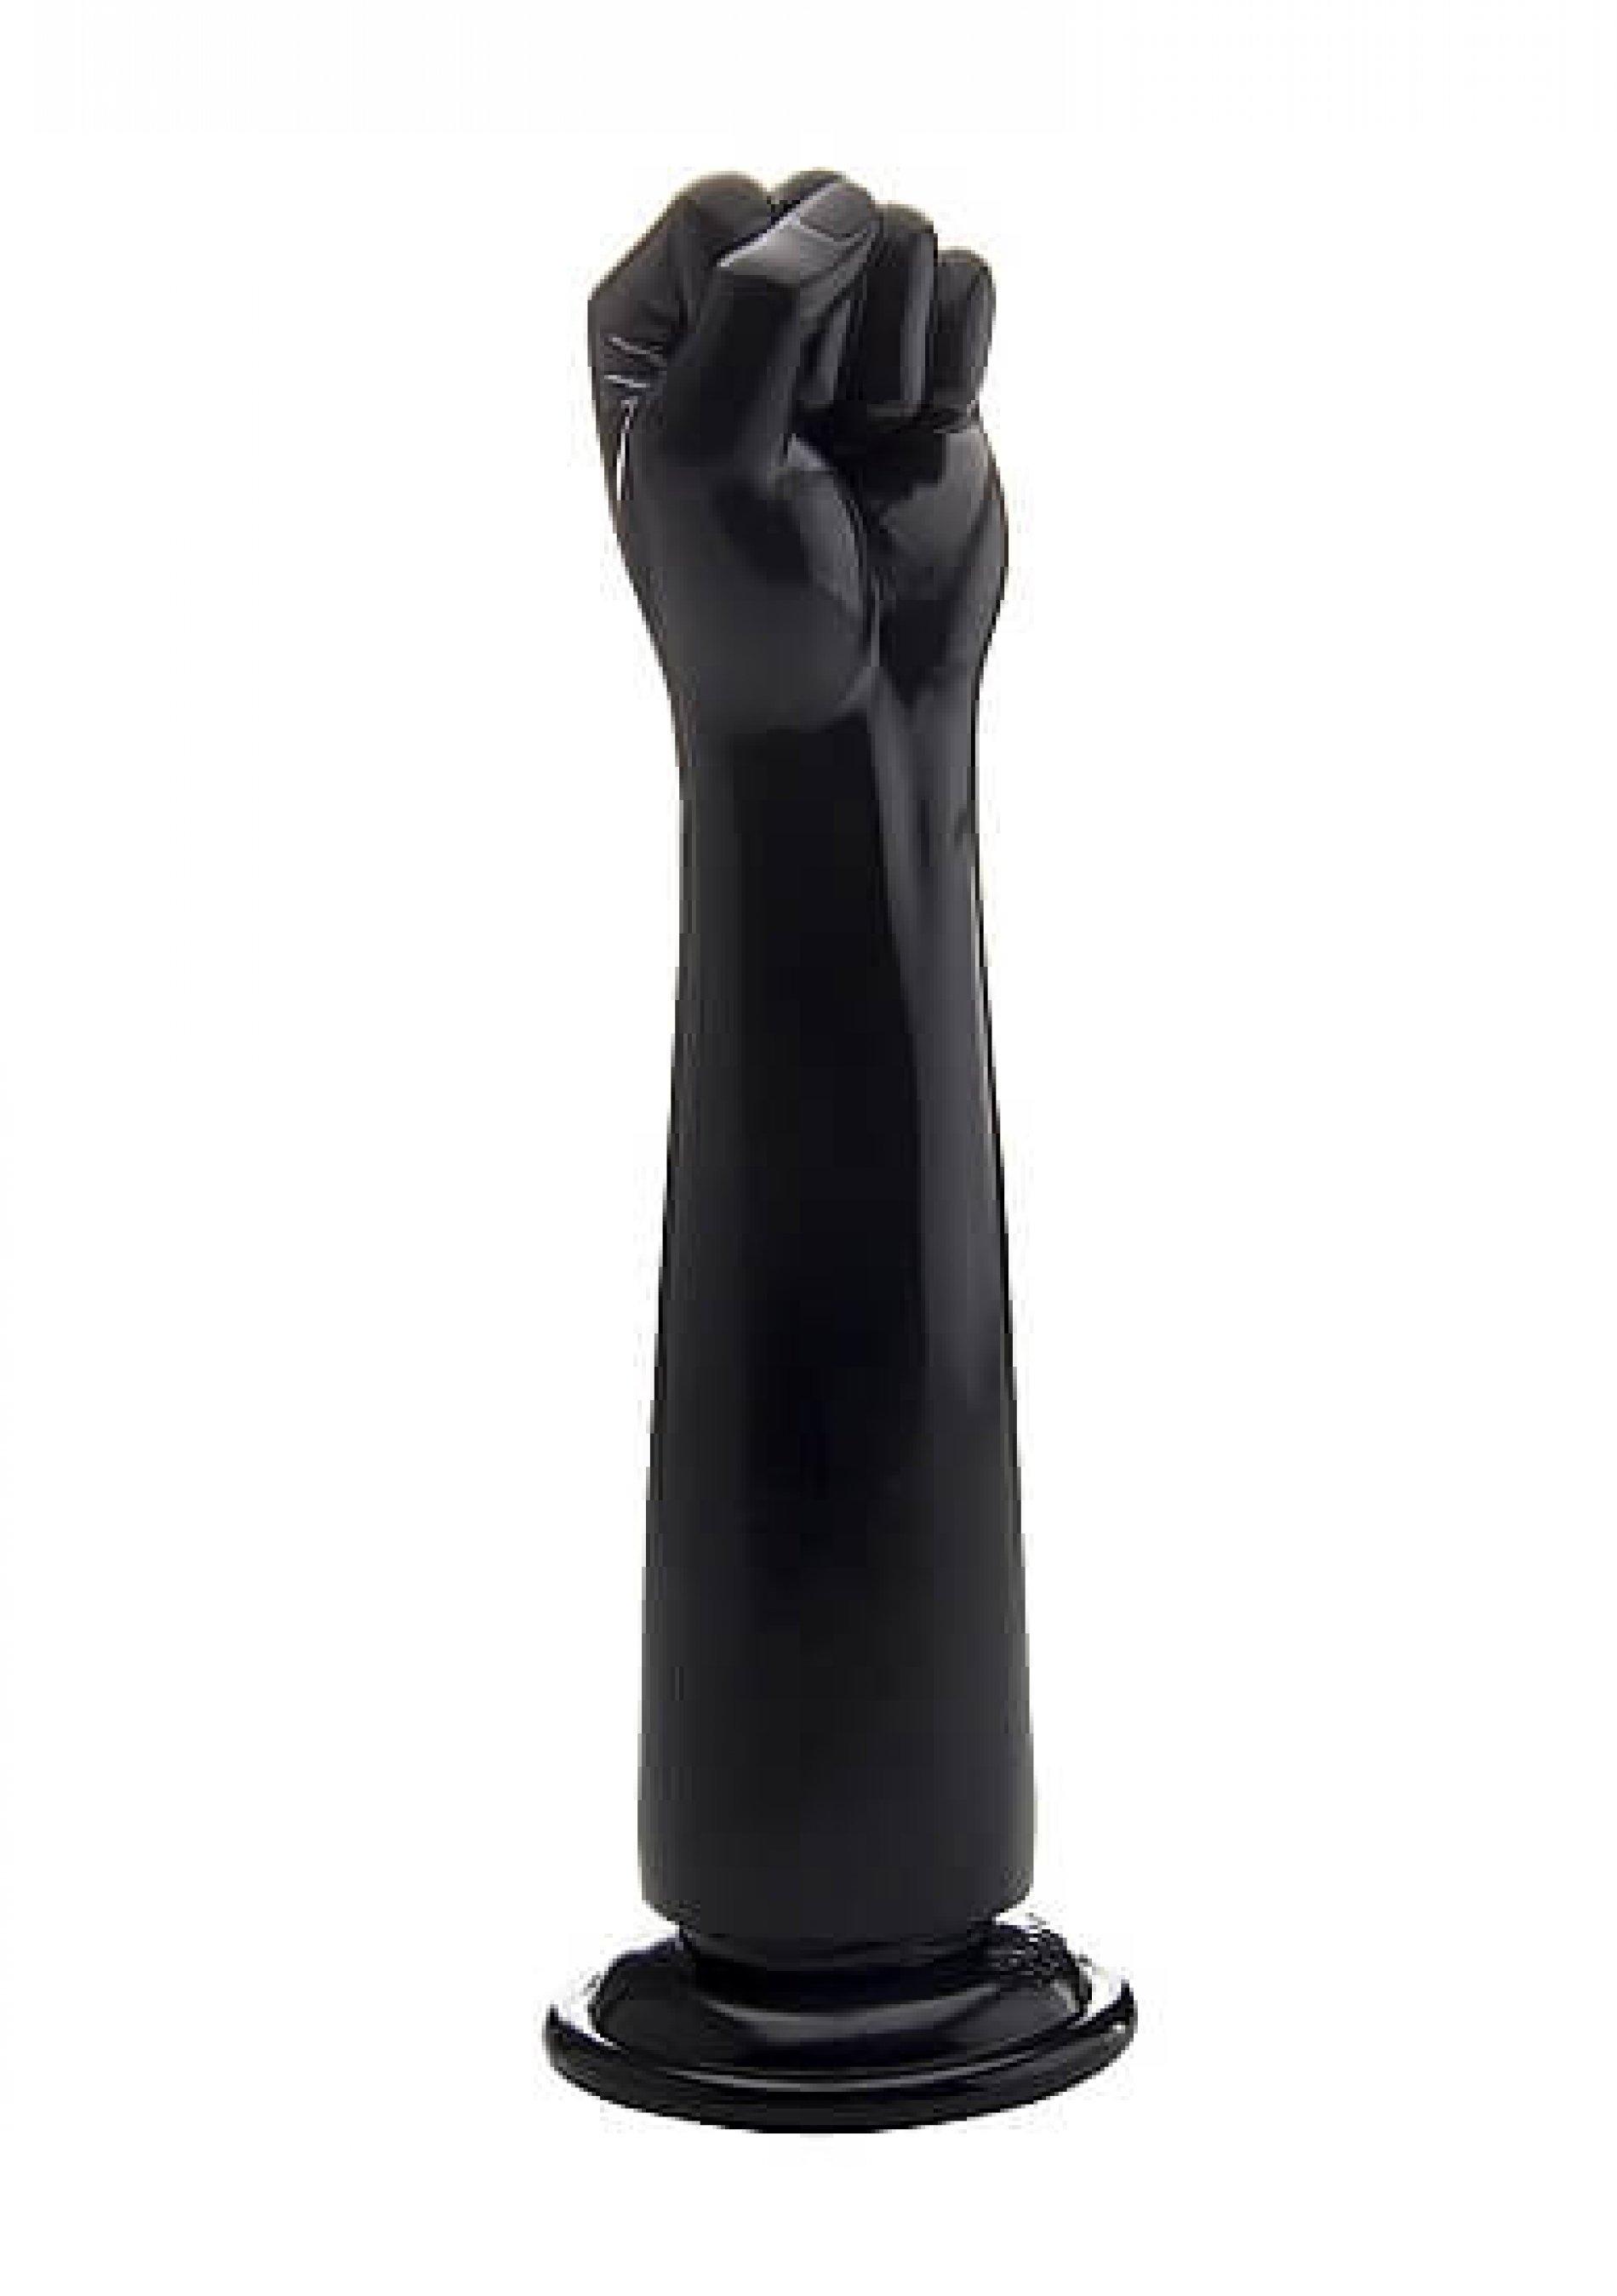 Realrock Realistic fist 30 cm black